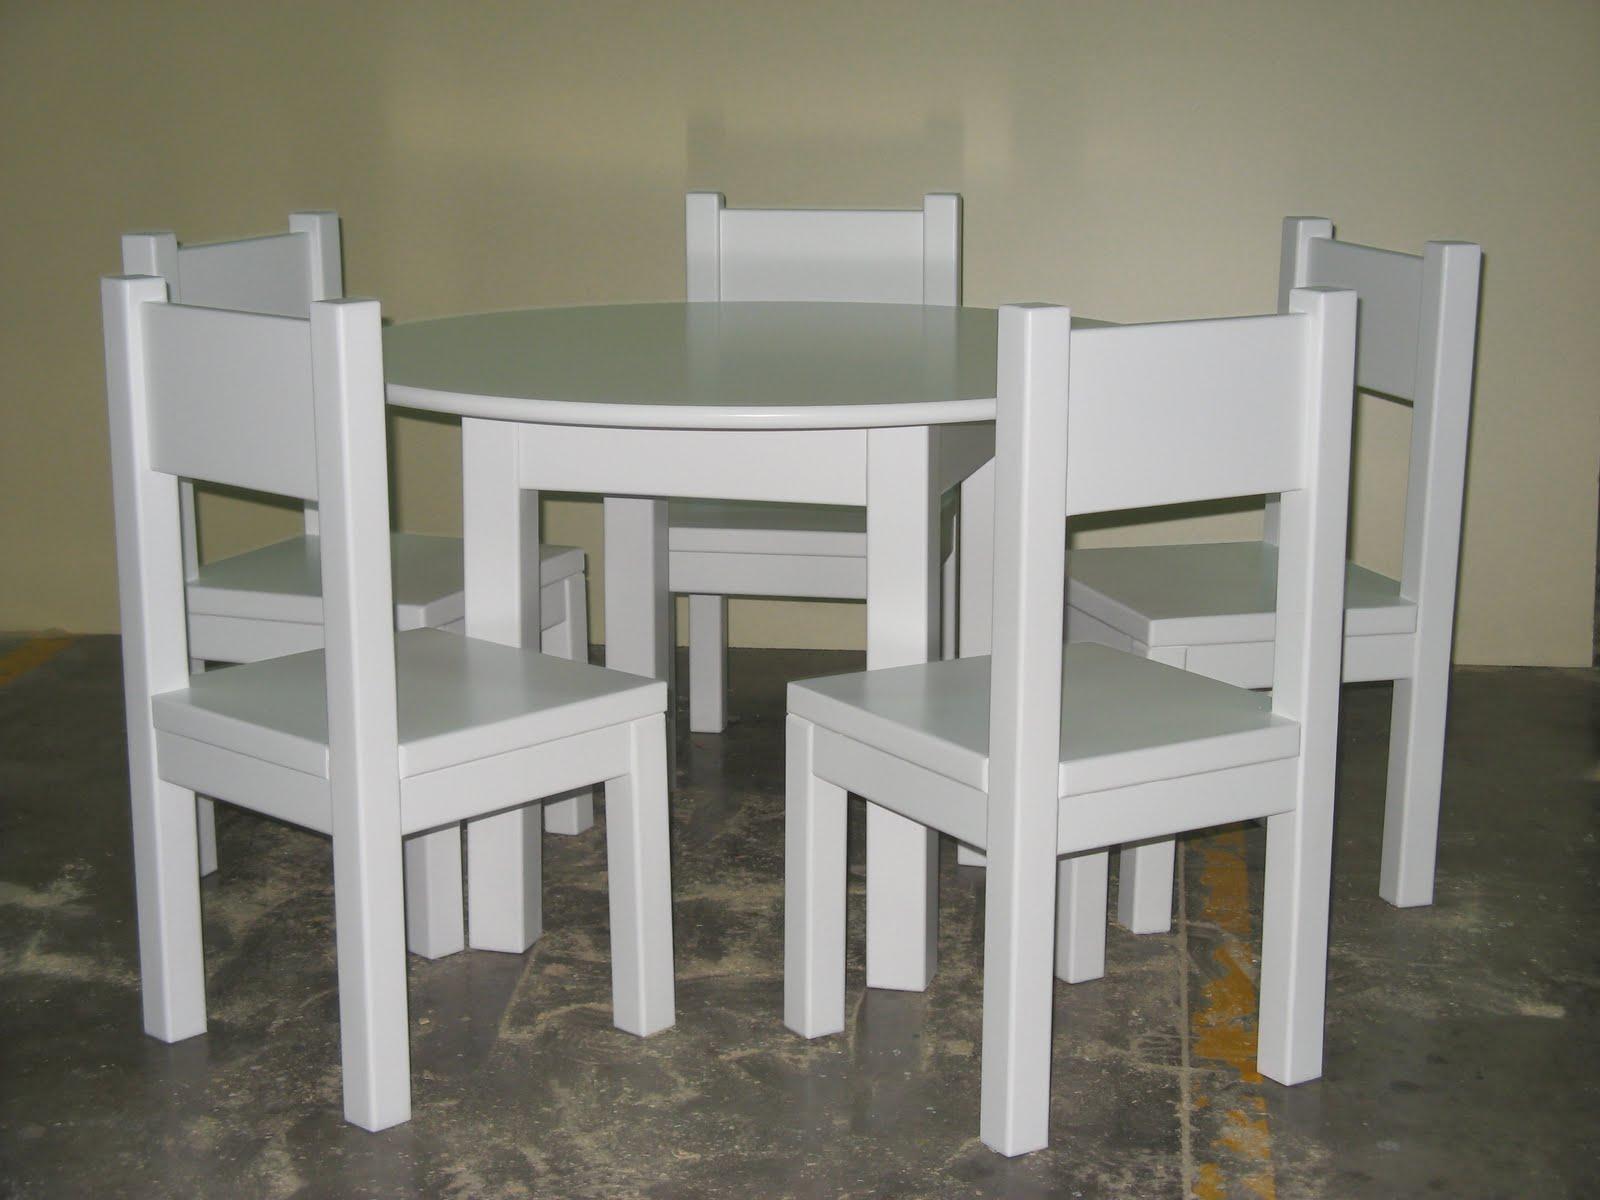 Artesanos carpinteros juego de mesa y sillas infantiles for Mesas infantiles precios